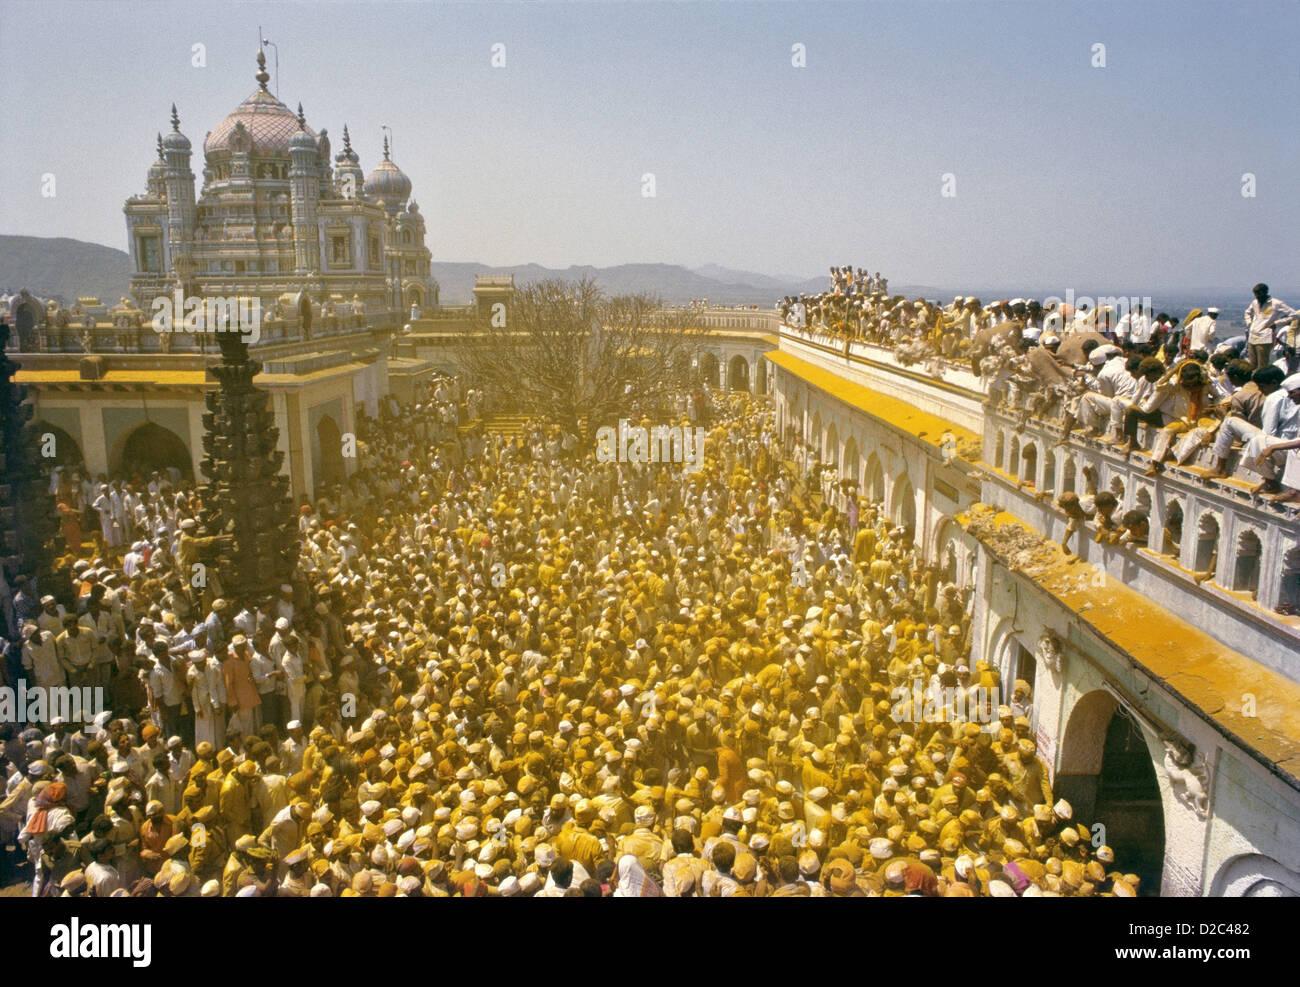 Comme les images Khandoba Malshabai Palanquin portant la porte de Temple Feuilles foule explose en couvrant tout Photo Stock